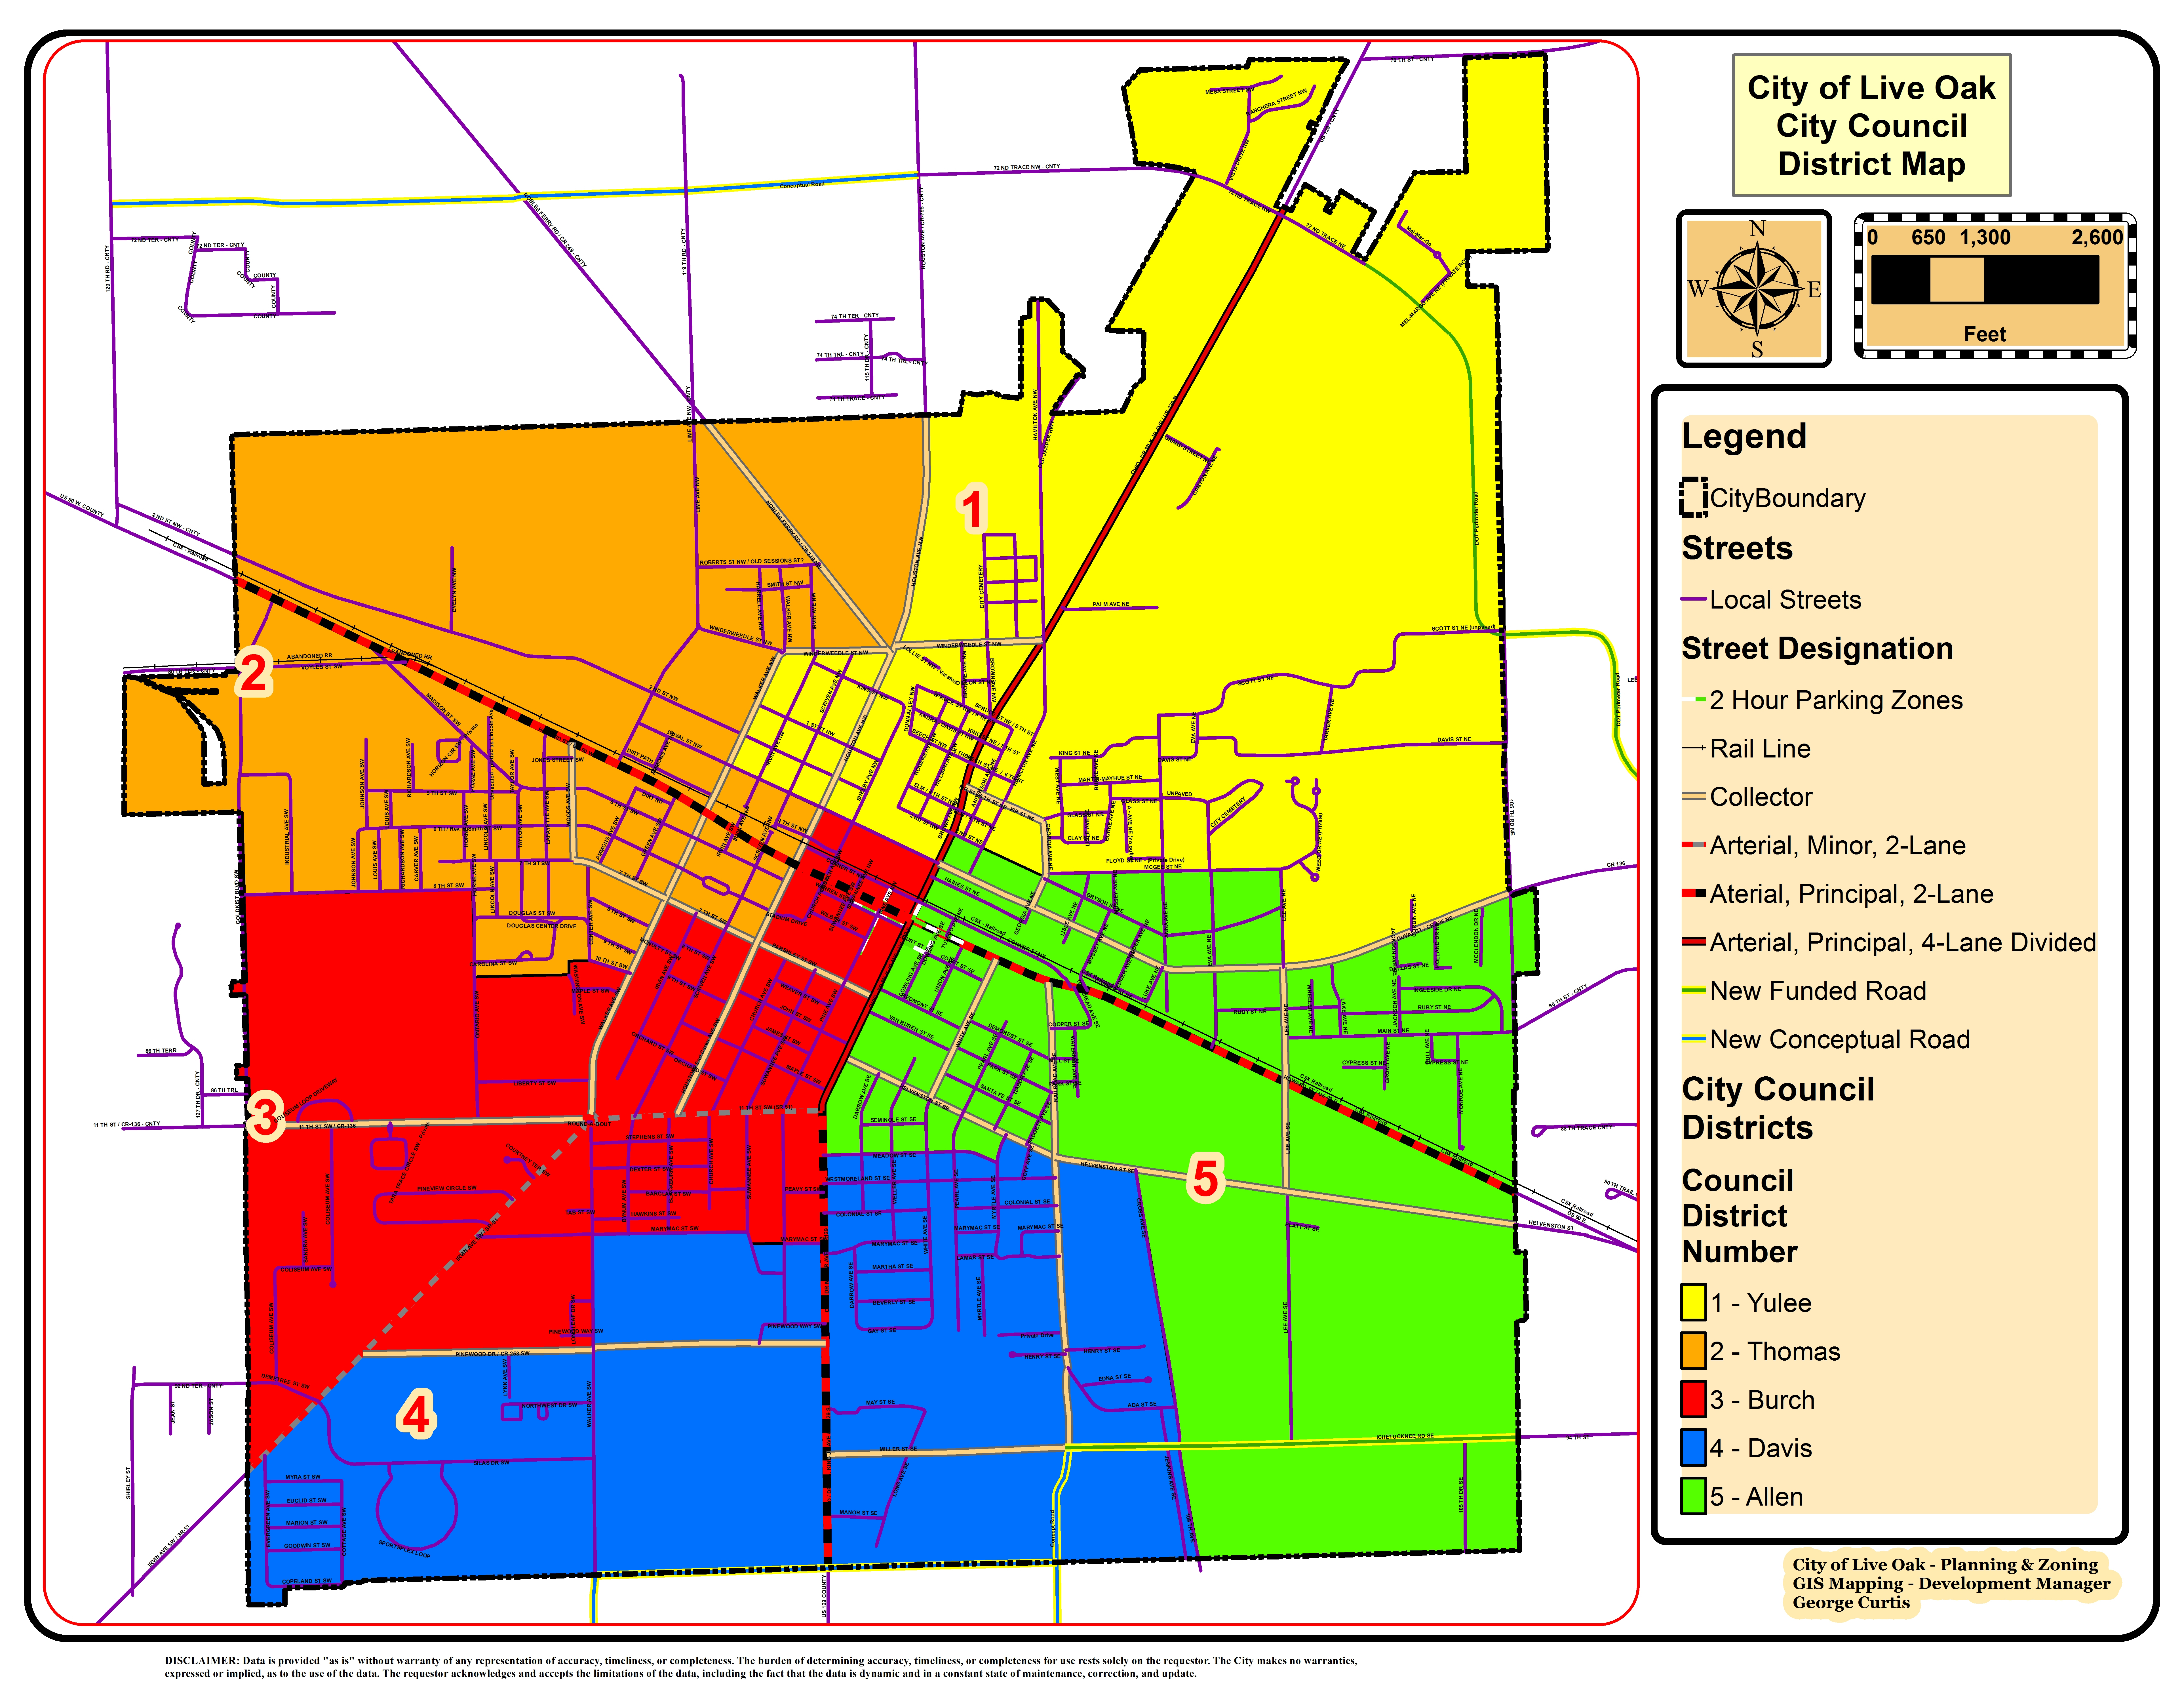 Council District Map - City Of Live Oak - Florida City Gas Service Area Map